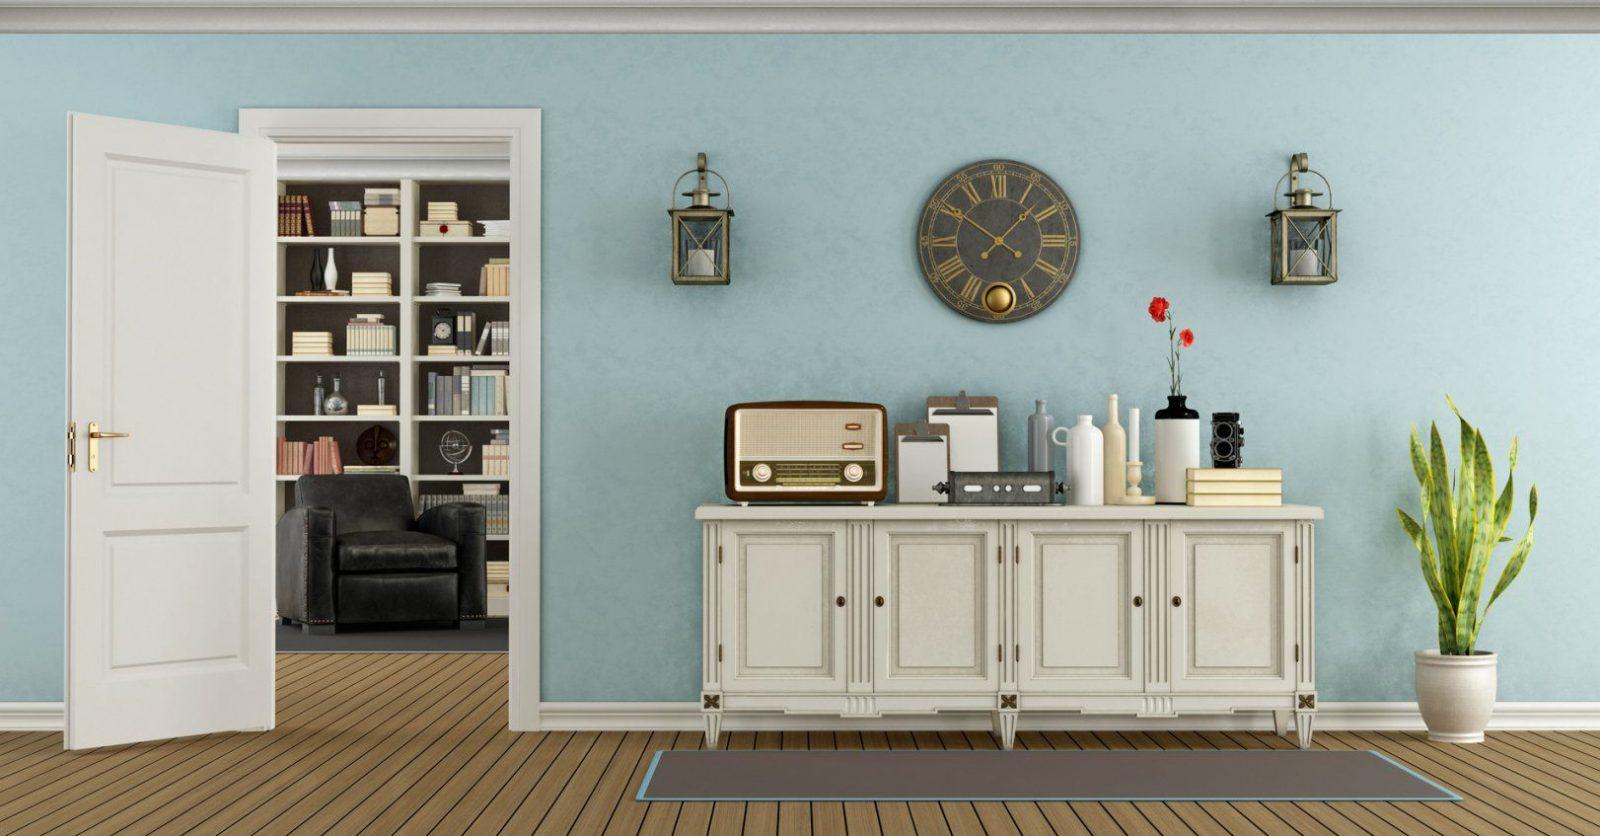 Schöner Wohnen Mit Farbe 5 Tipps Für Den Richtigen Farbmix von Schöner Wohnen Farbe Grün Bild